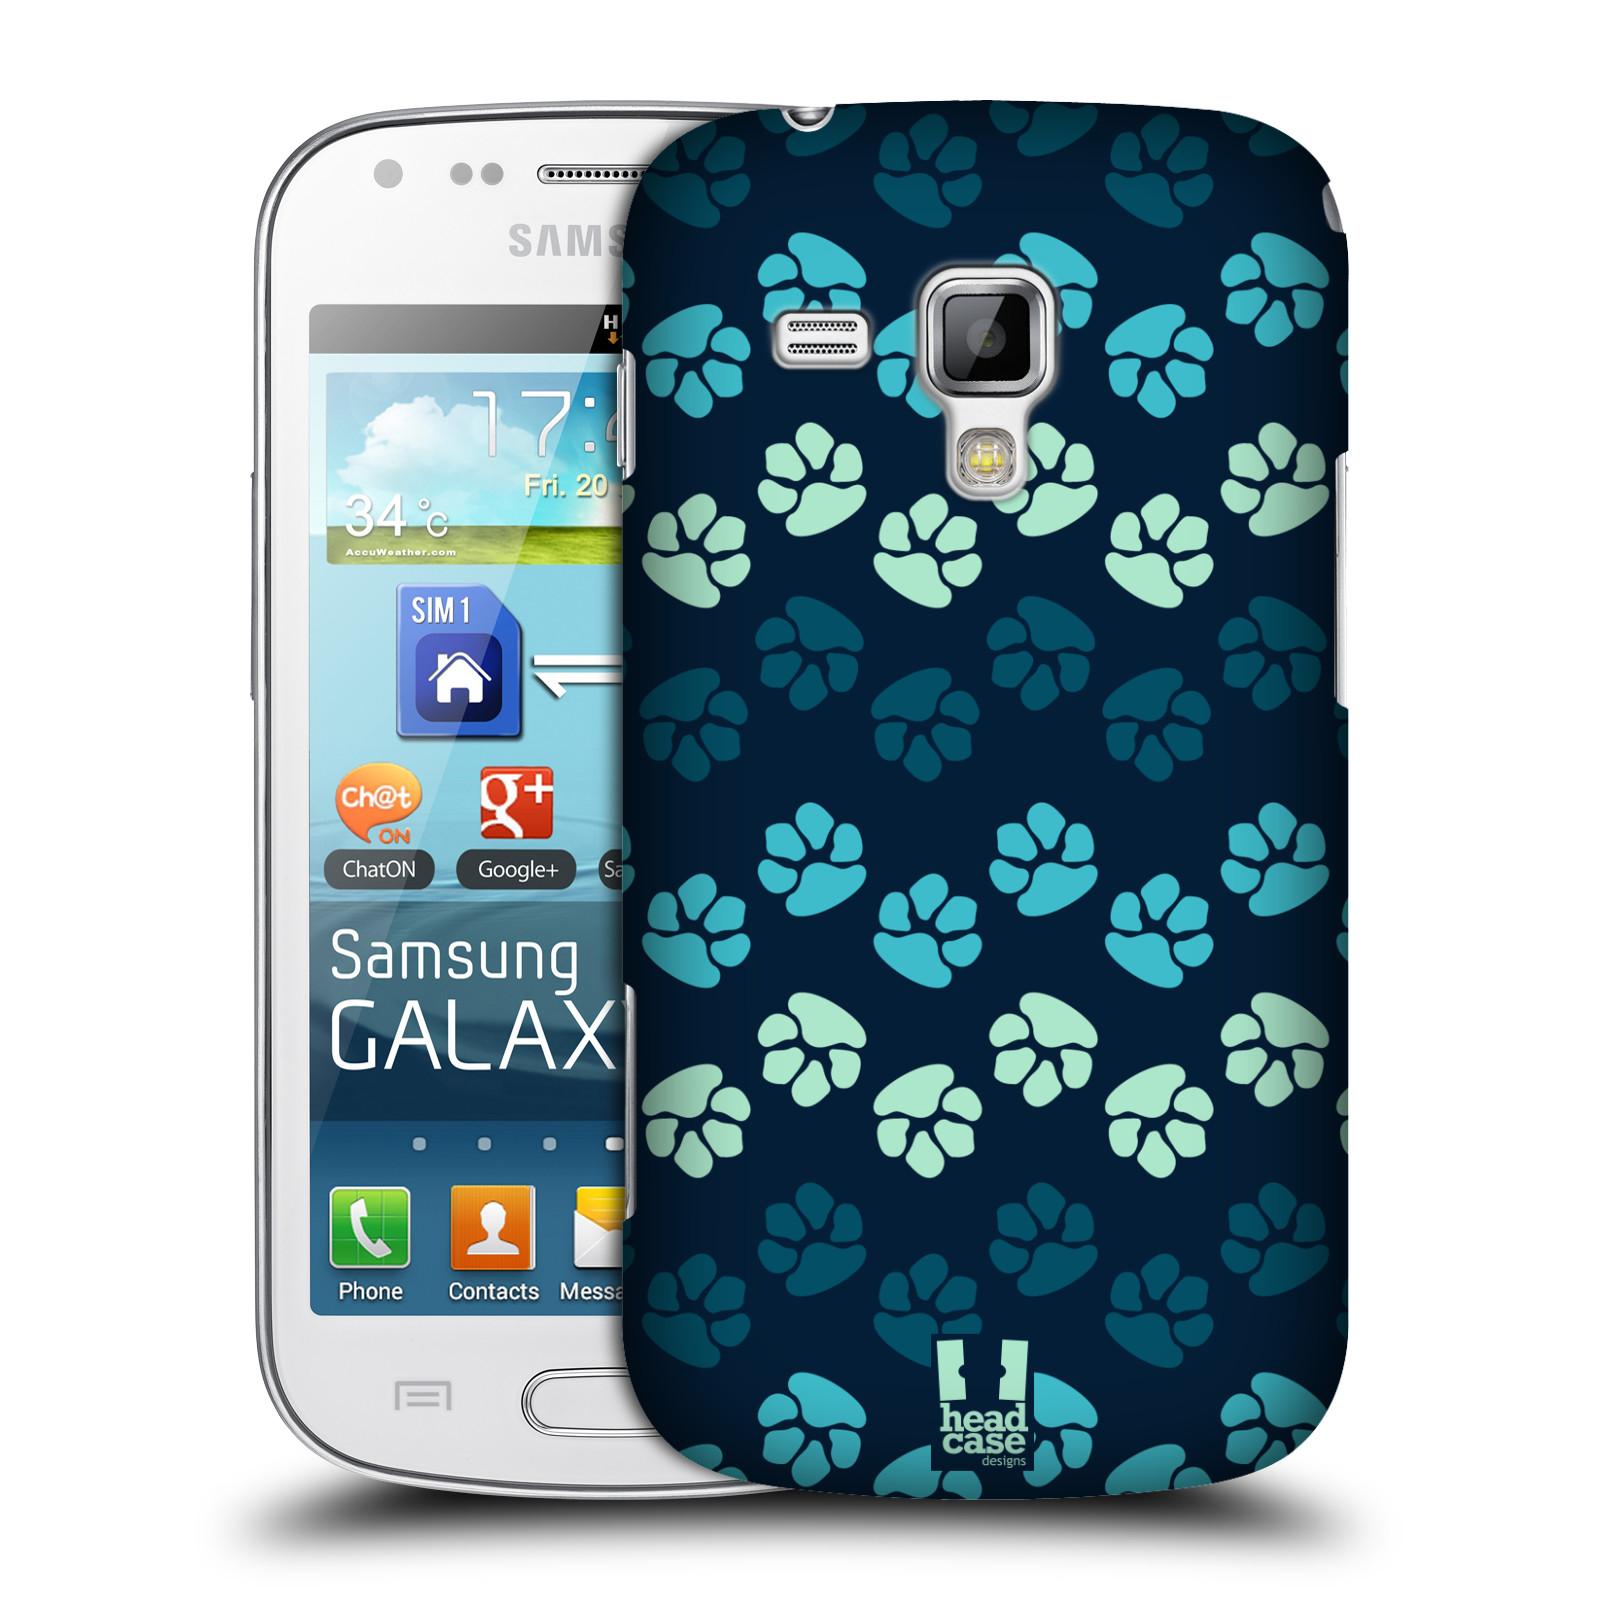 Plastové pouzdro na mobil Samsung Galaxy S Duos HEAD CASE TLAPKY MODRÉ (Kryt či obal na mobilní telefon Samsung Galaxy S Duos GT-S7562)